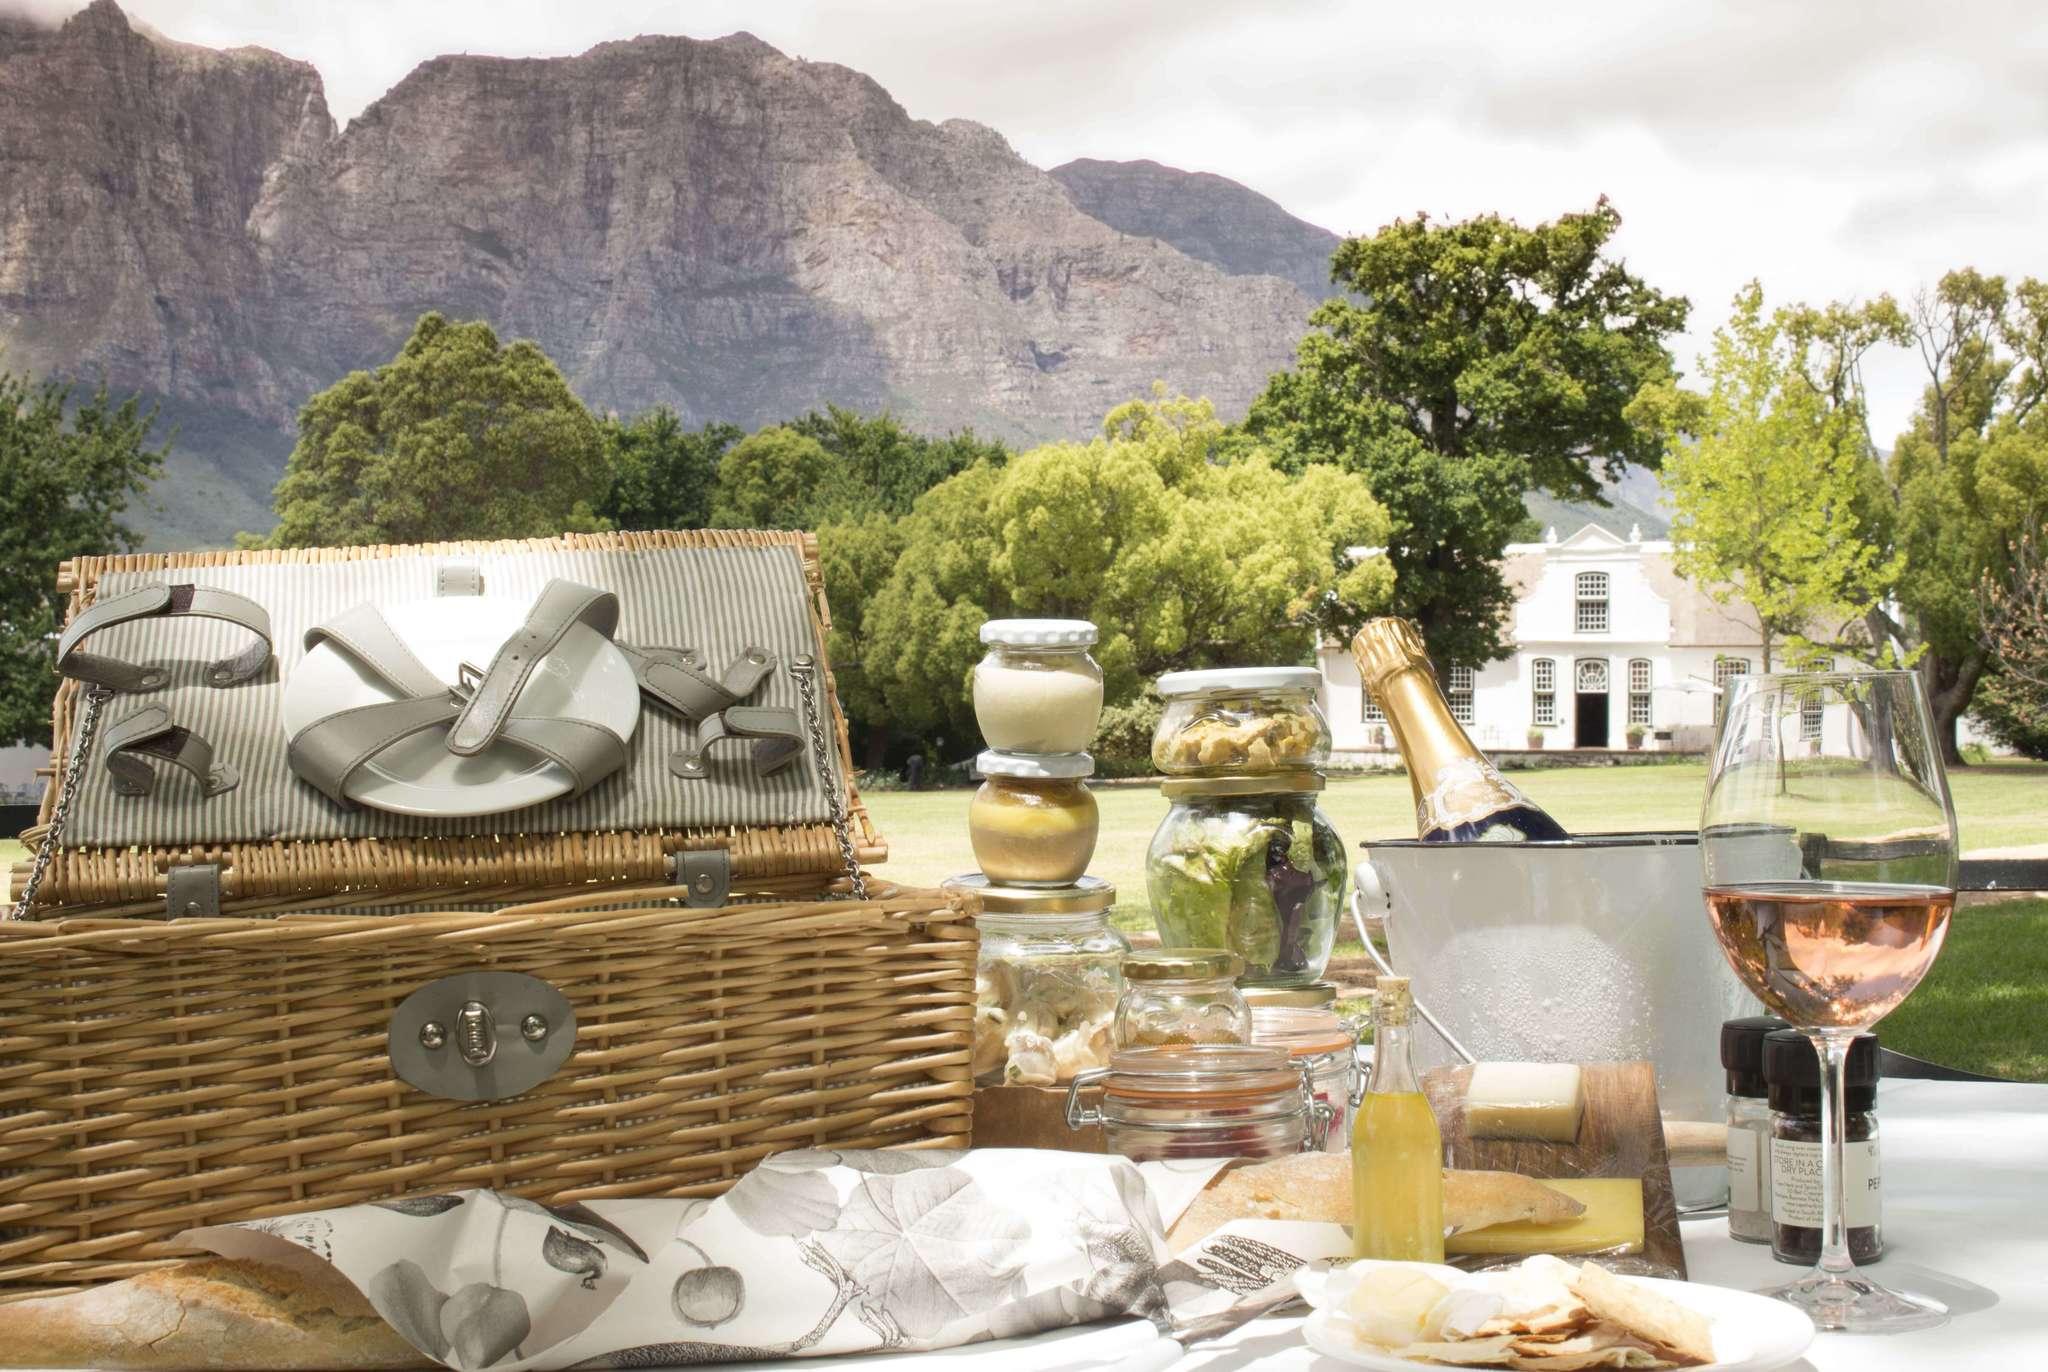 Boschendal Picnic in Stellenbosch Winelands